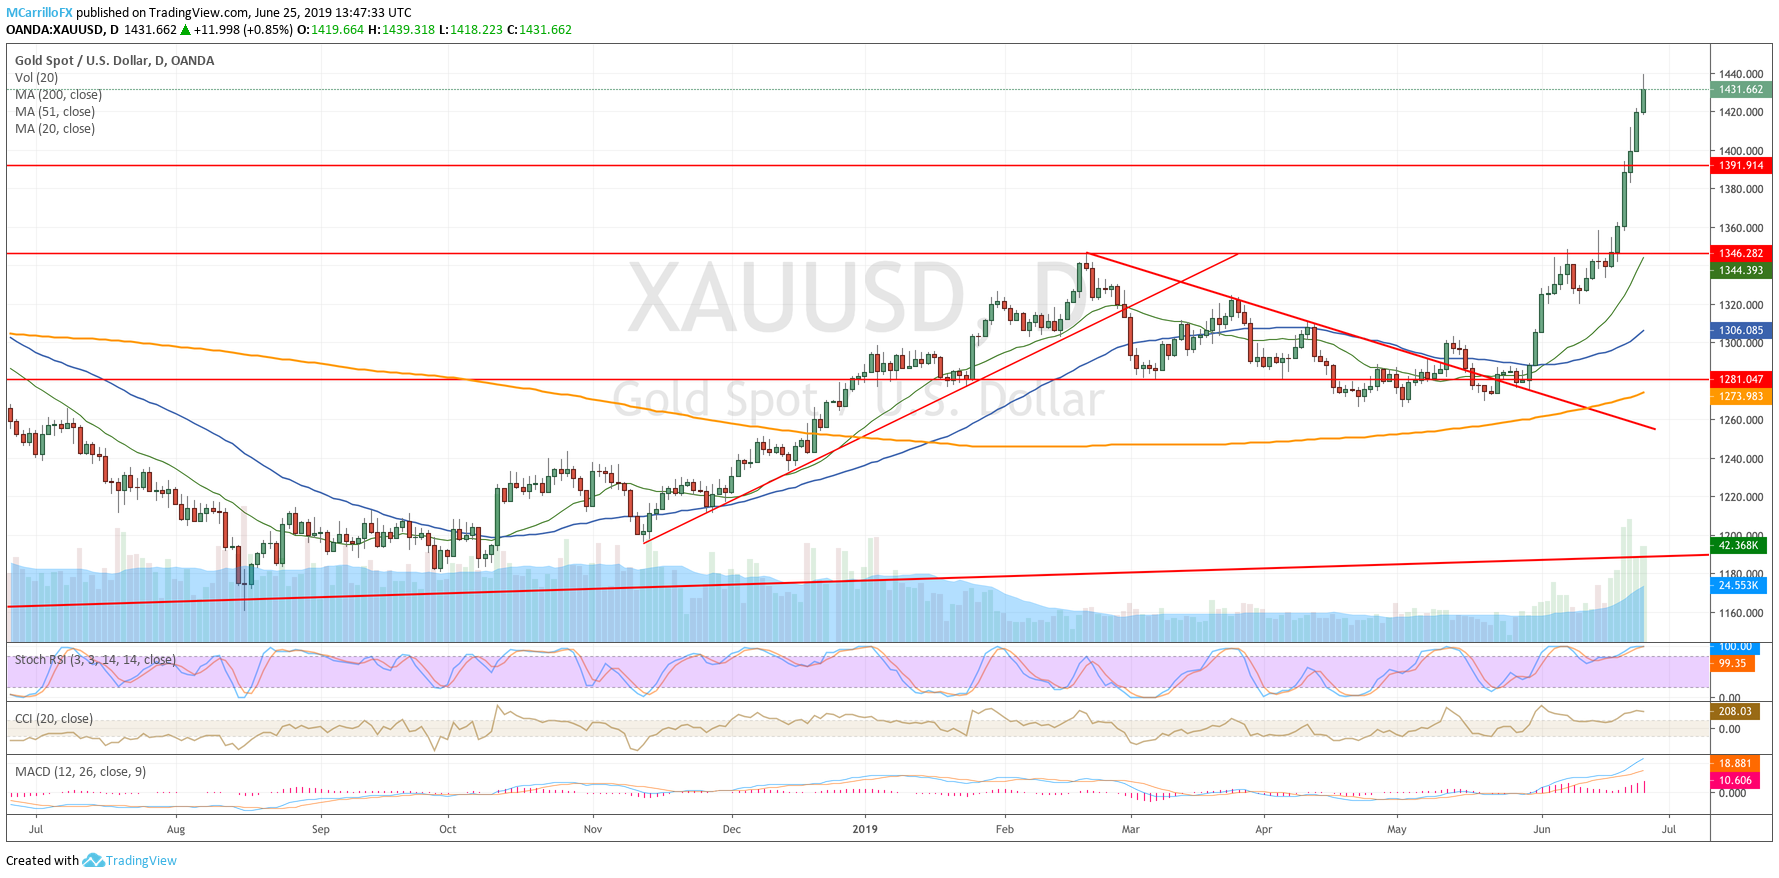 XAUUSD daily chart June 25